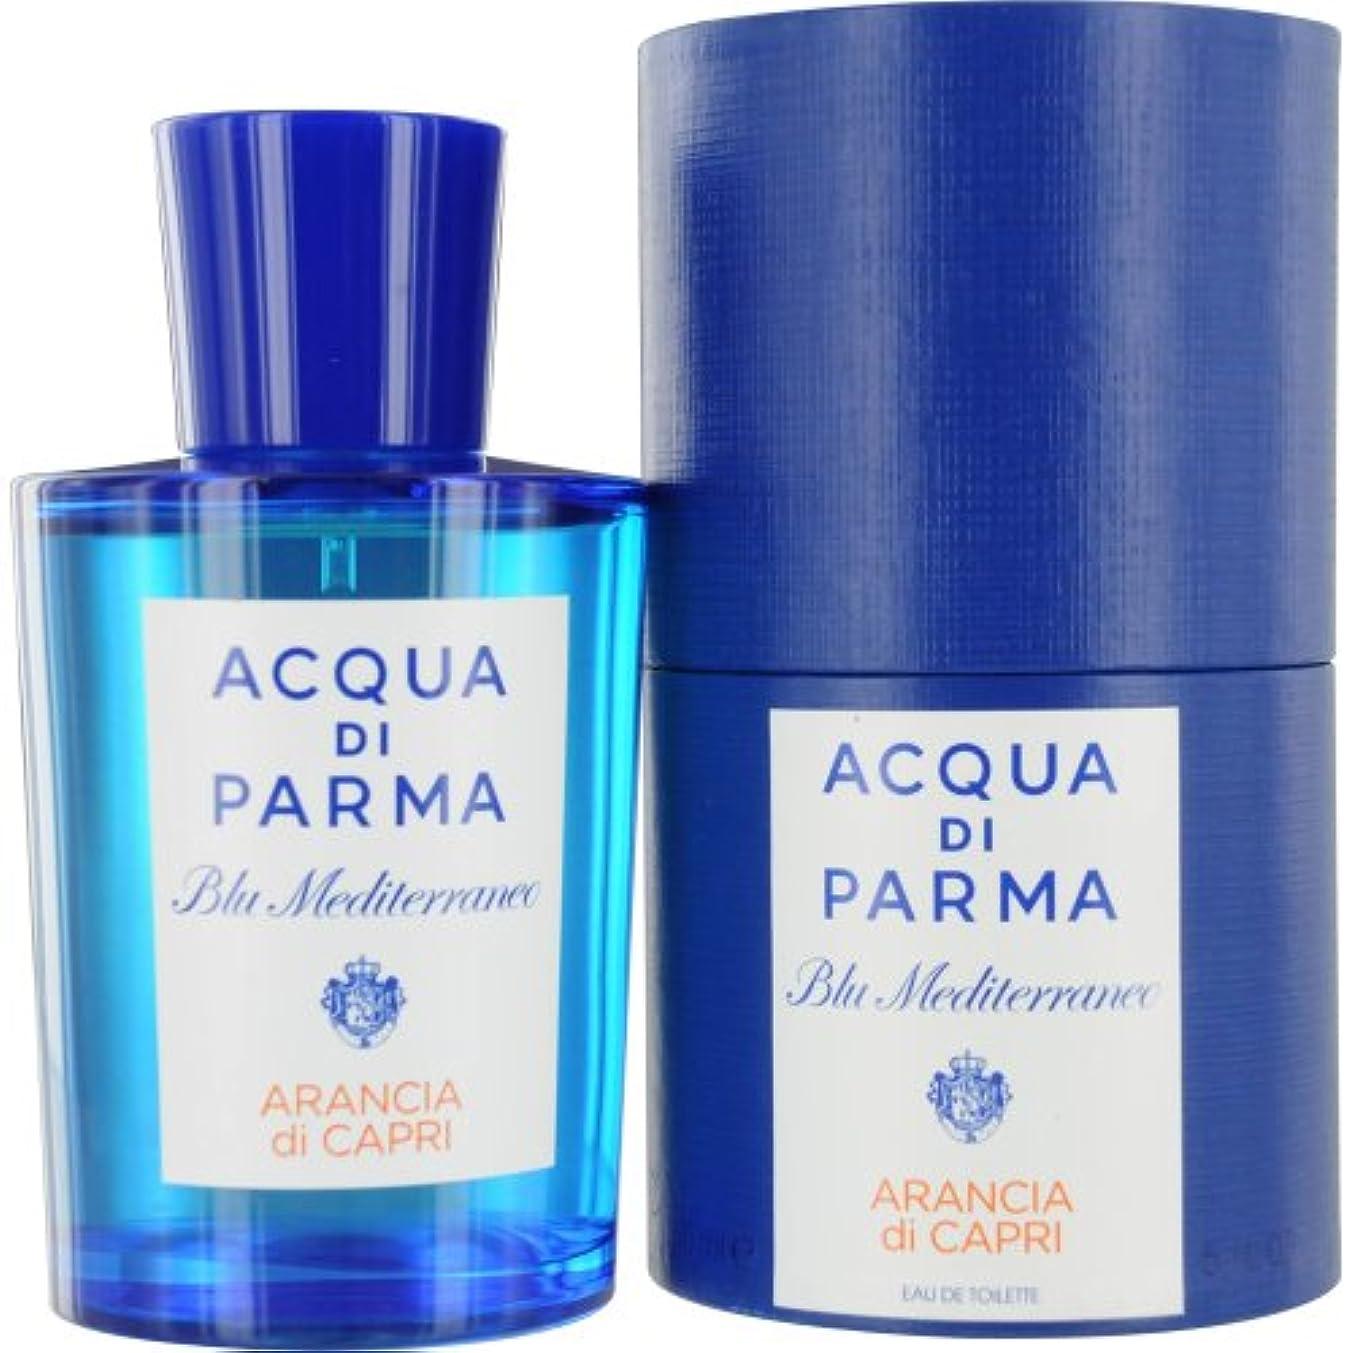 ピアースランデブーメモAcqua Di Parma - パルマACQUA DI CAPRI B.M ARANCIA 150V - 【並行輸入品】